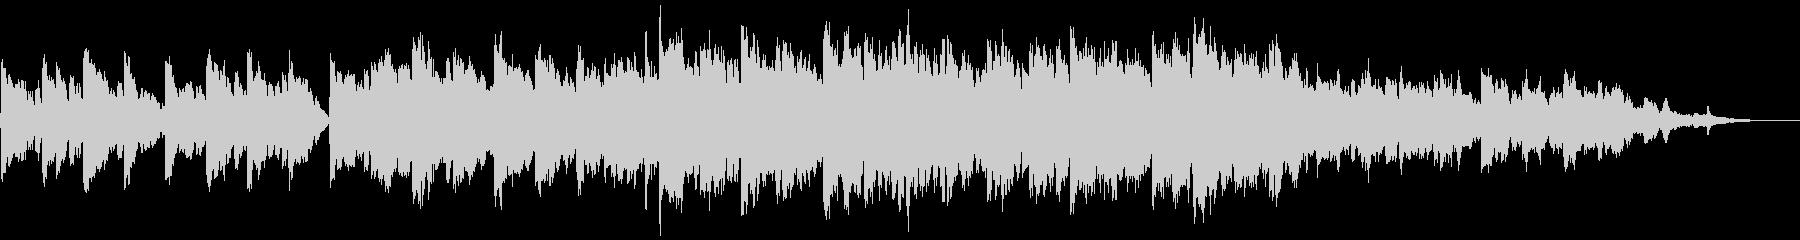 ピアノとストリングスの感動的なBGMの未再生の波形